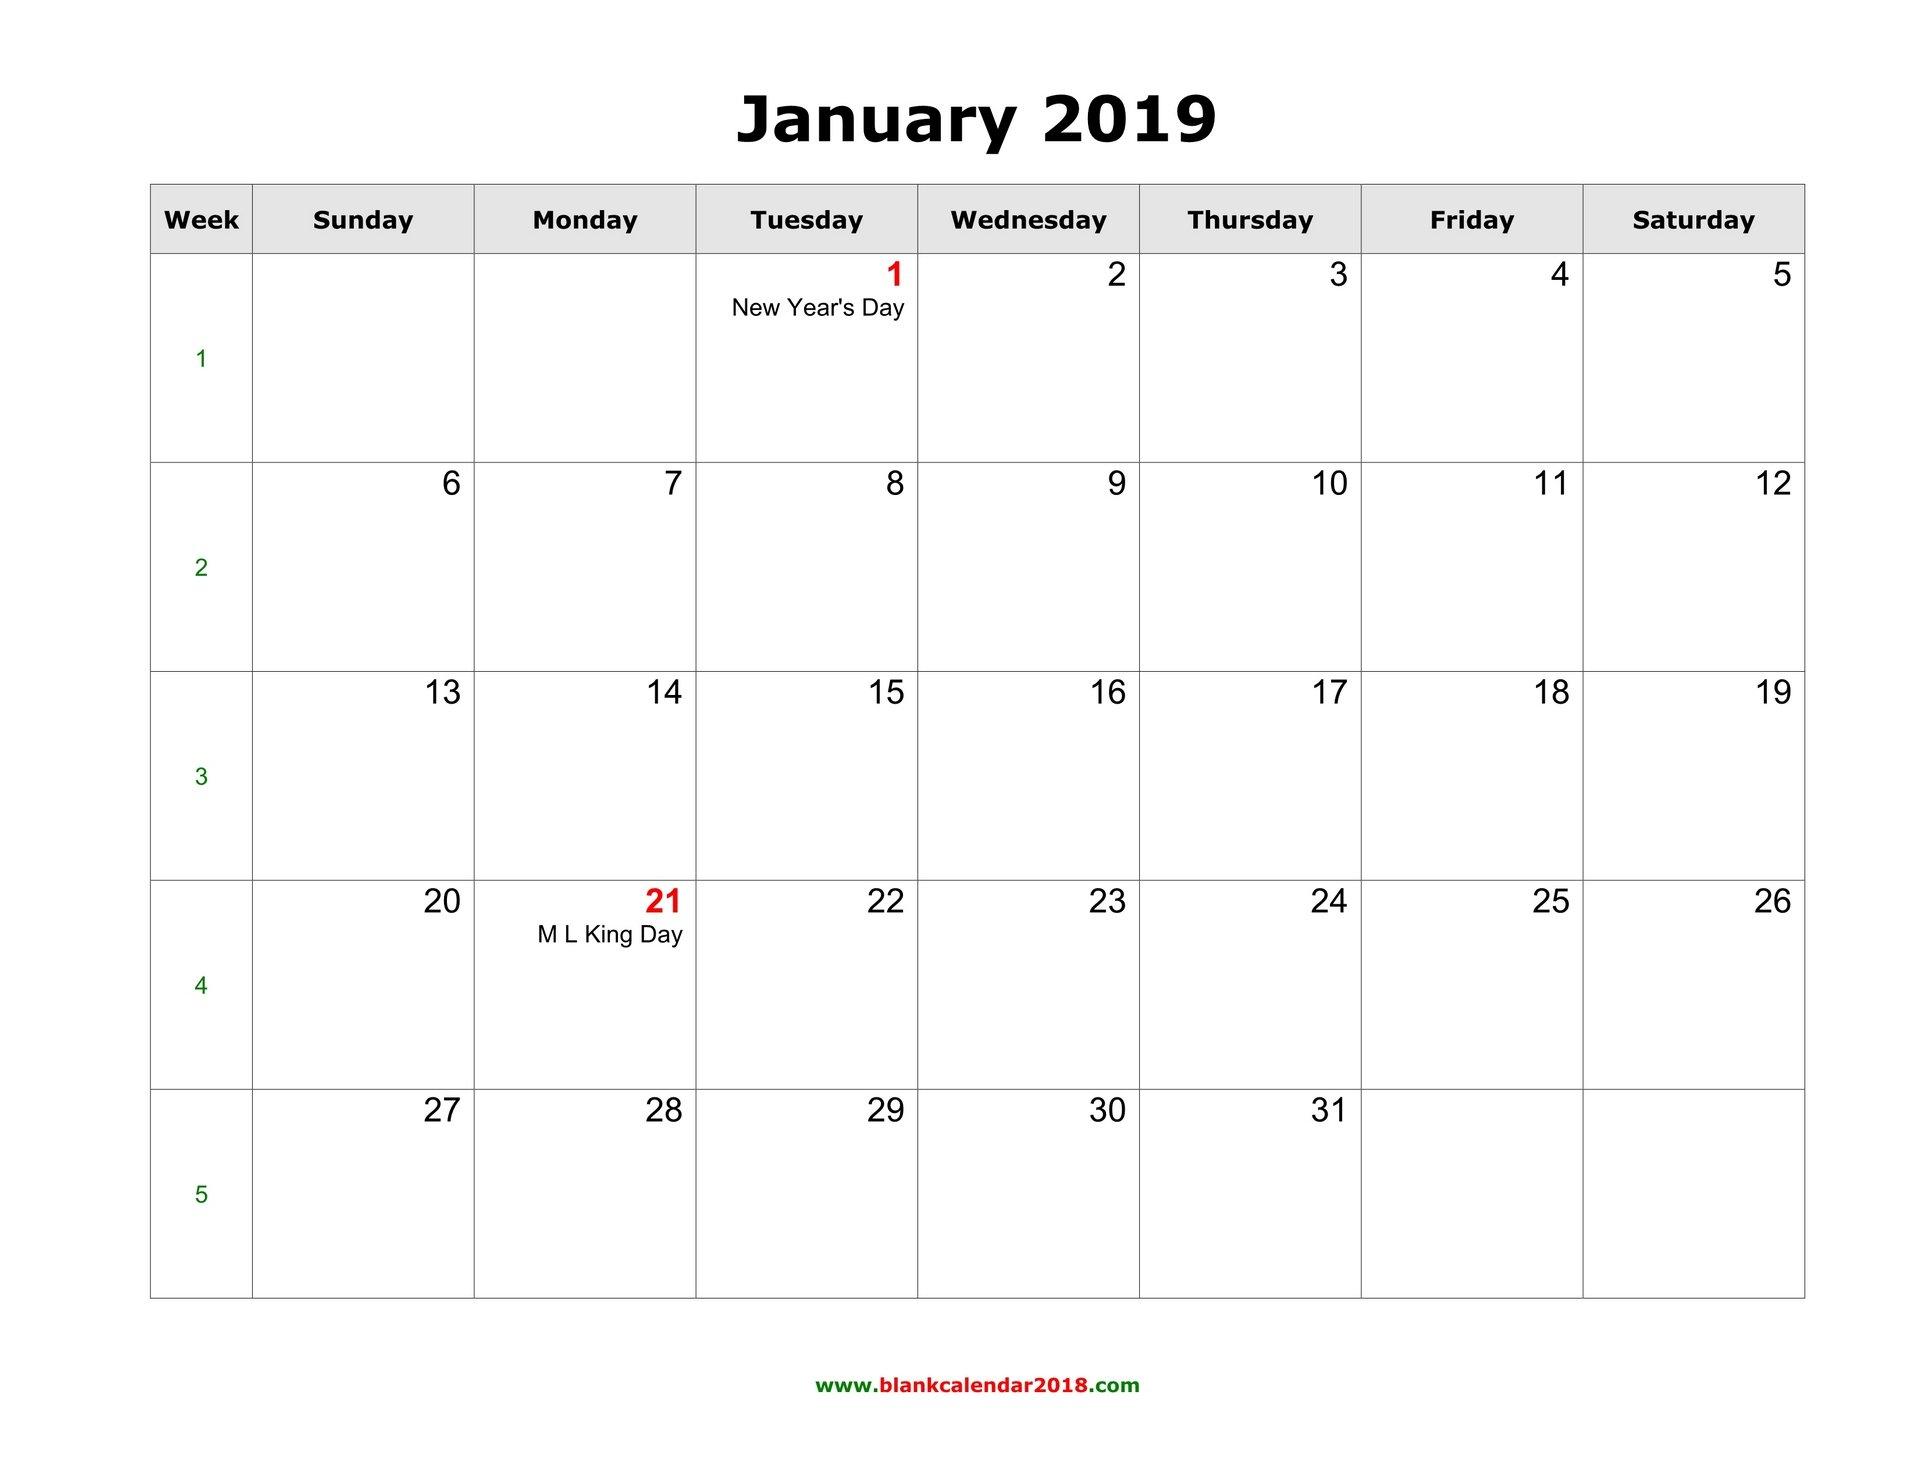 Blank Calendar For January 2019 Calendar 2019 January Template